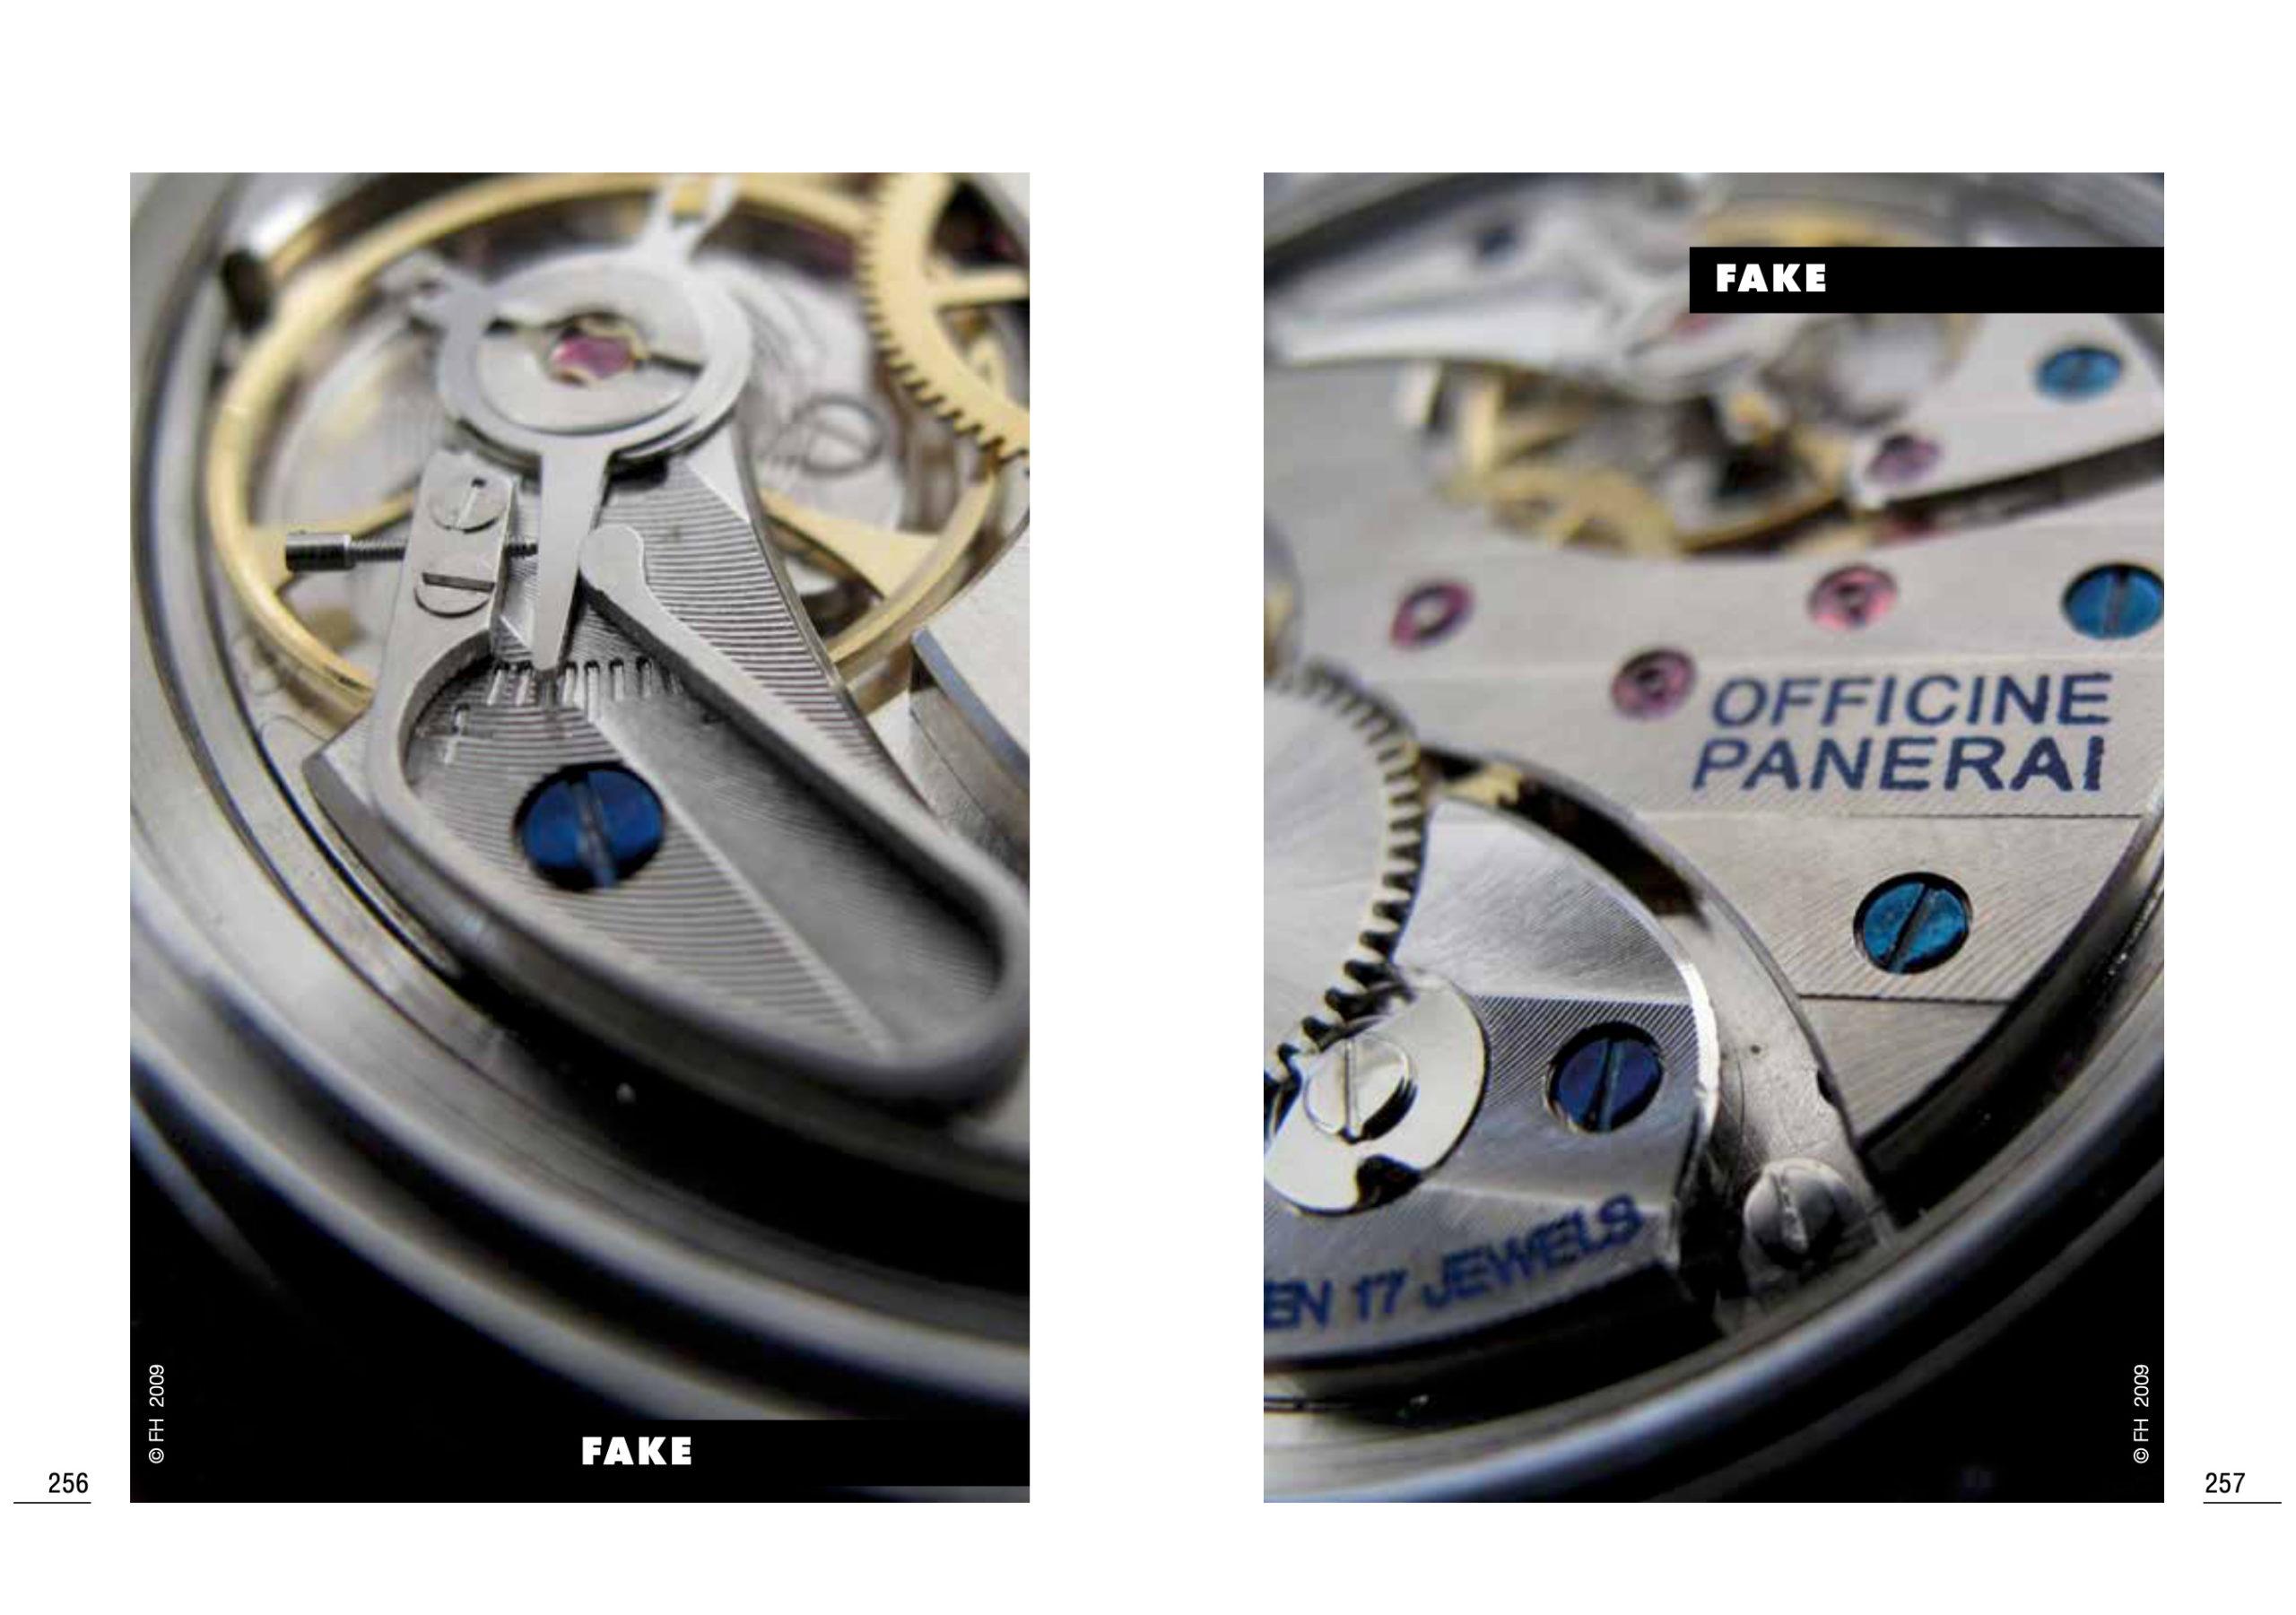 genuine fake watch